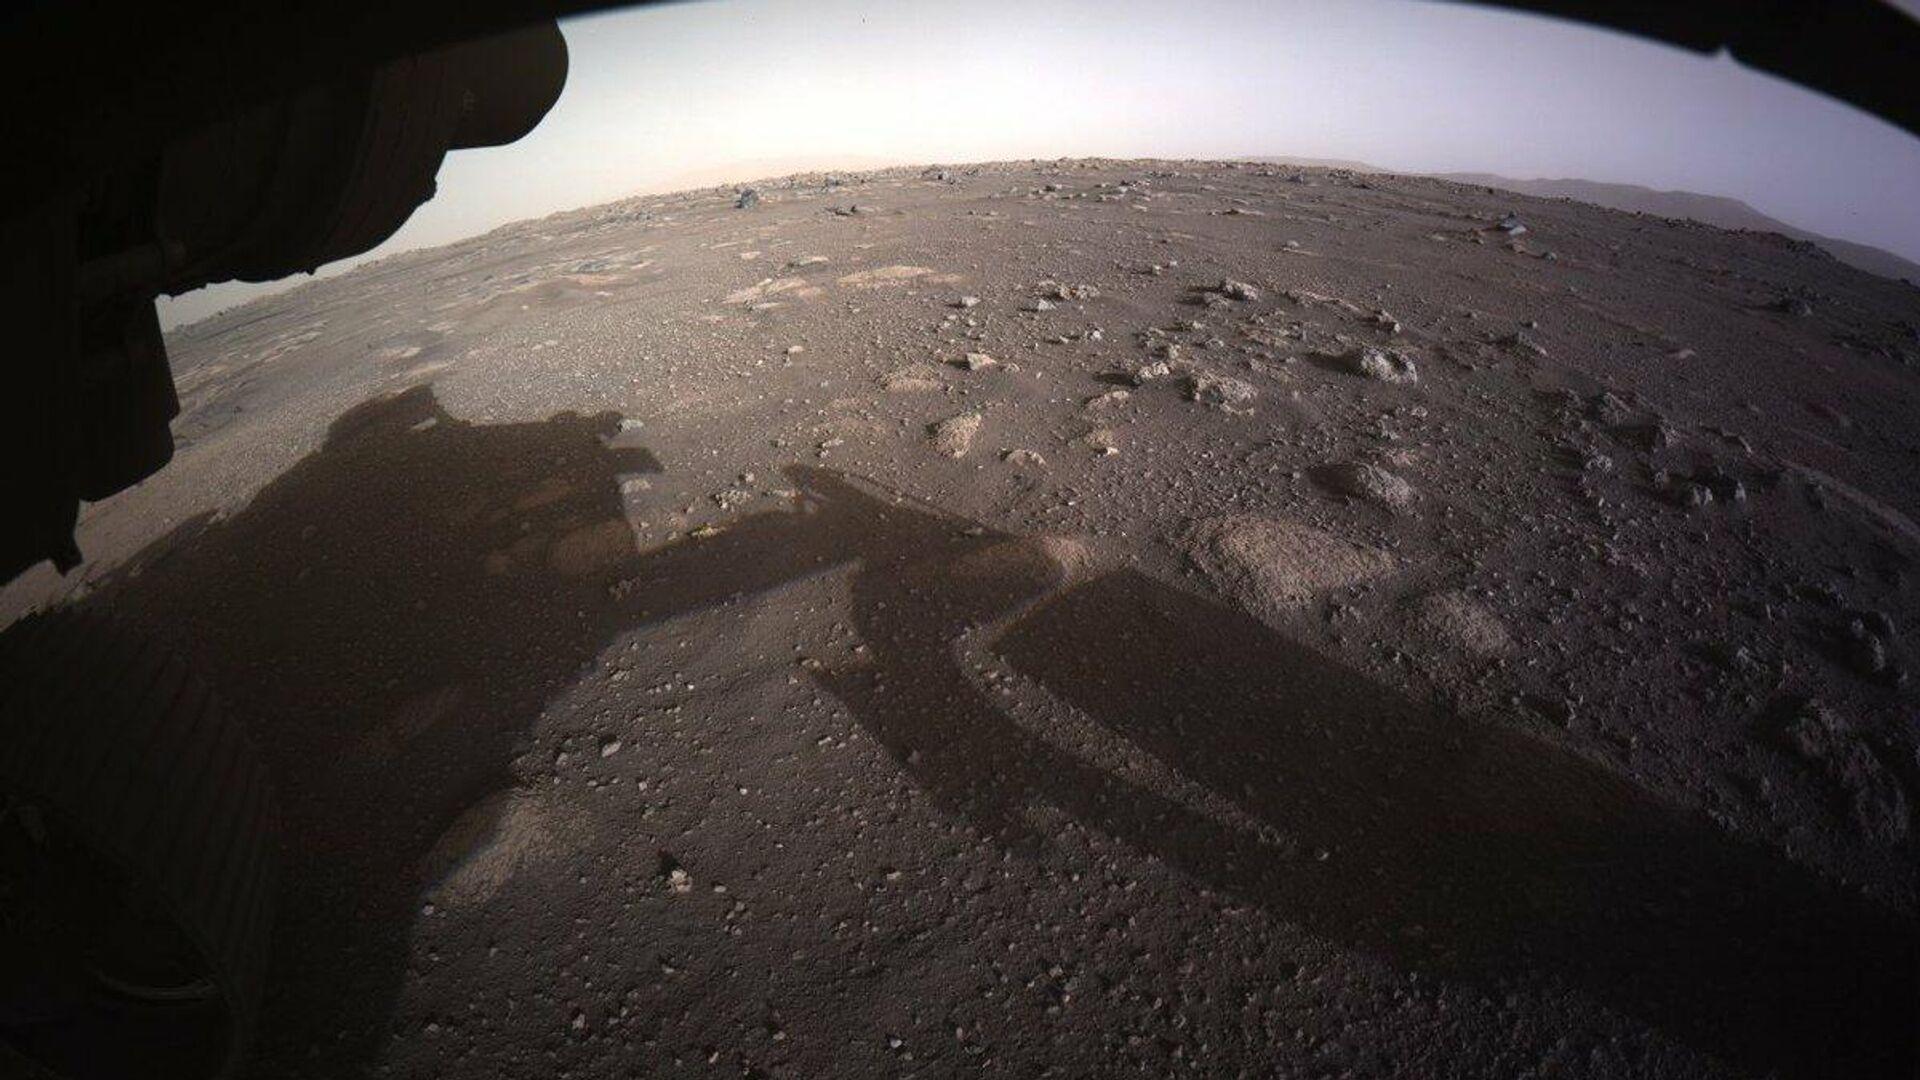 Фотографии, снятые исследовательским аппаратом NASA's Perseverance Mars Rover, который совершил посадку на Марсе в ночь на 19 февраля - РИА Новости, 1920, 20.02.2021